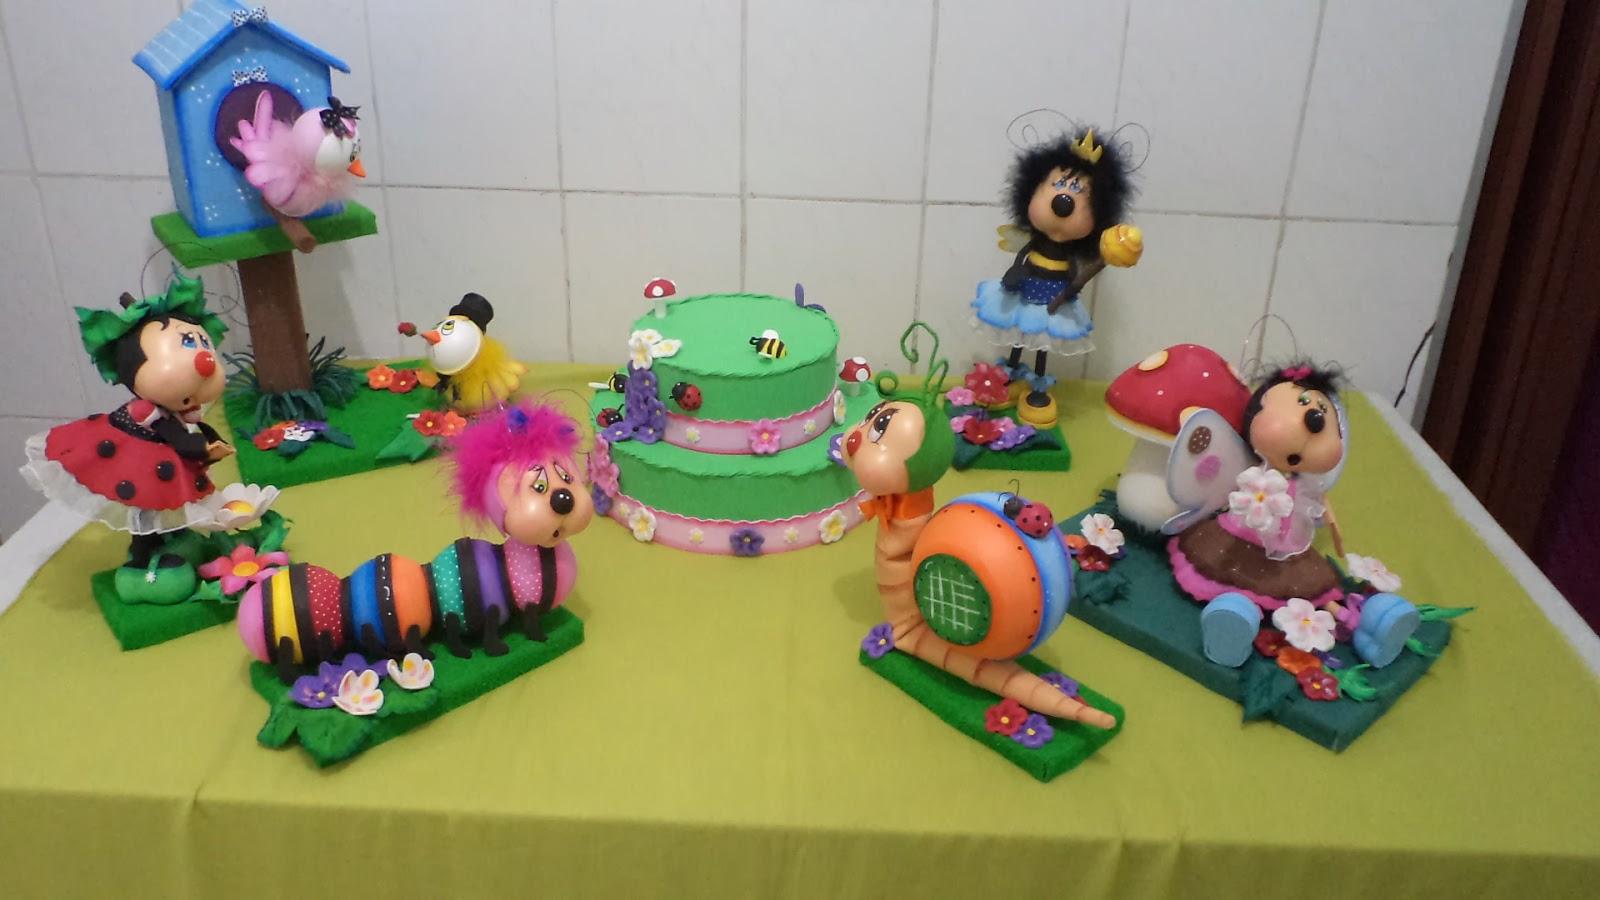 enfeites para festa infantil jardim encantado:Jardim Encantado